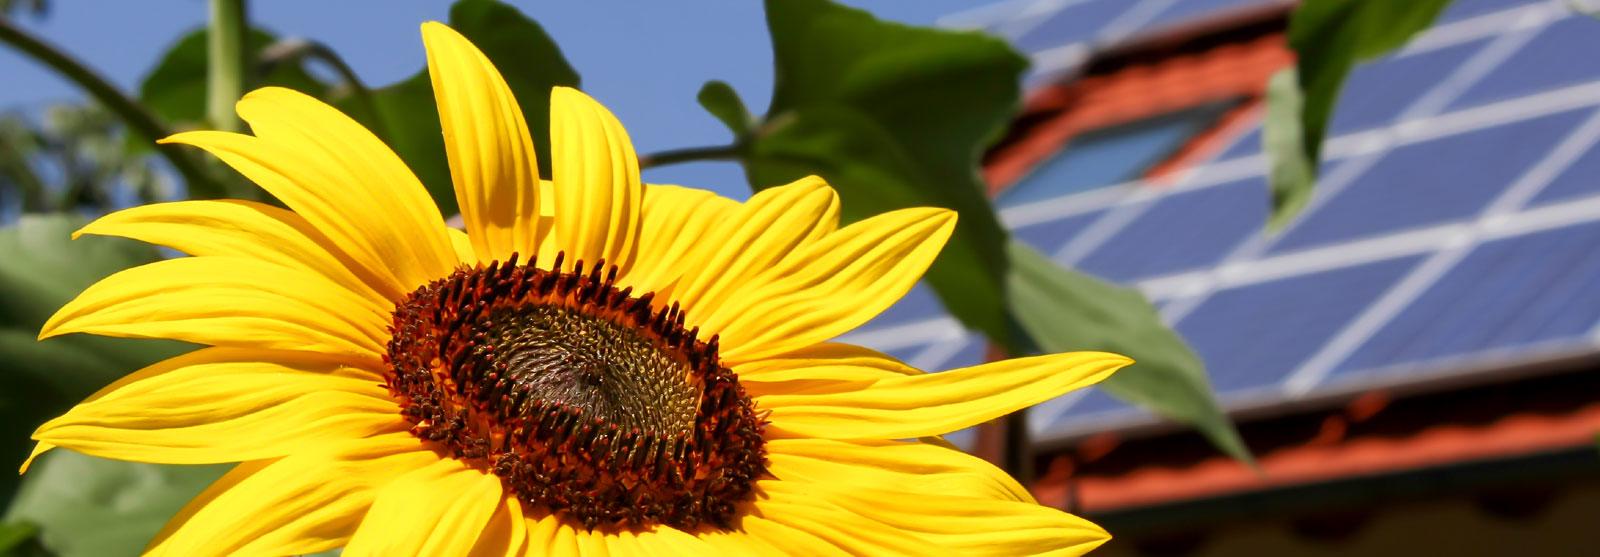 Nachhaltige Energie – kostengünstig und umweltschonend